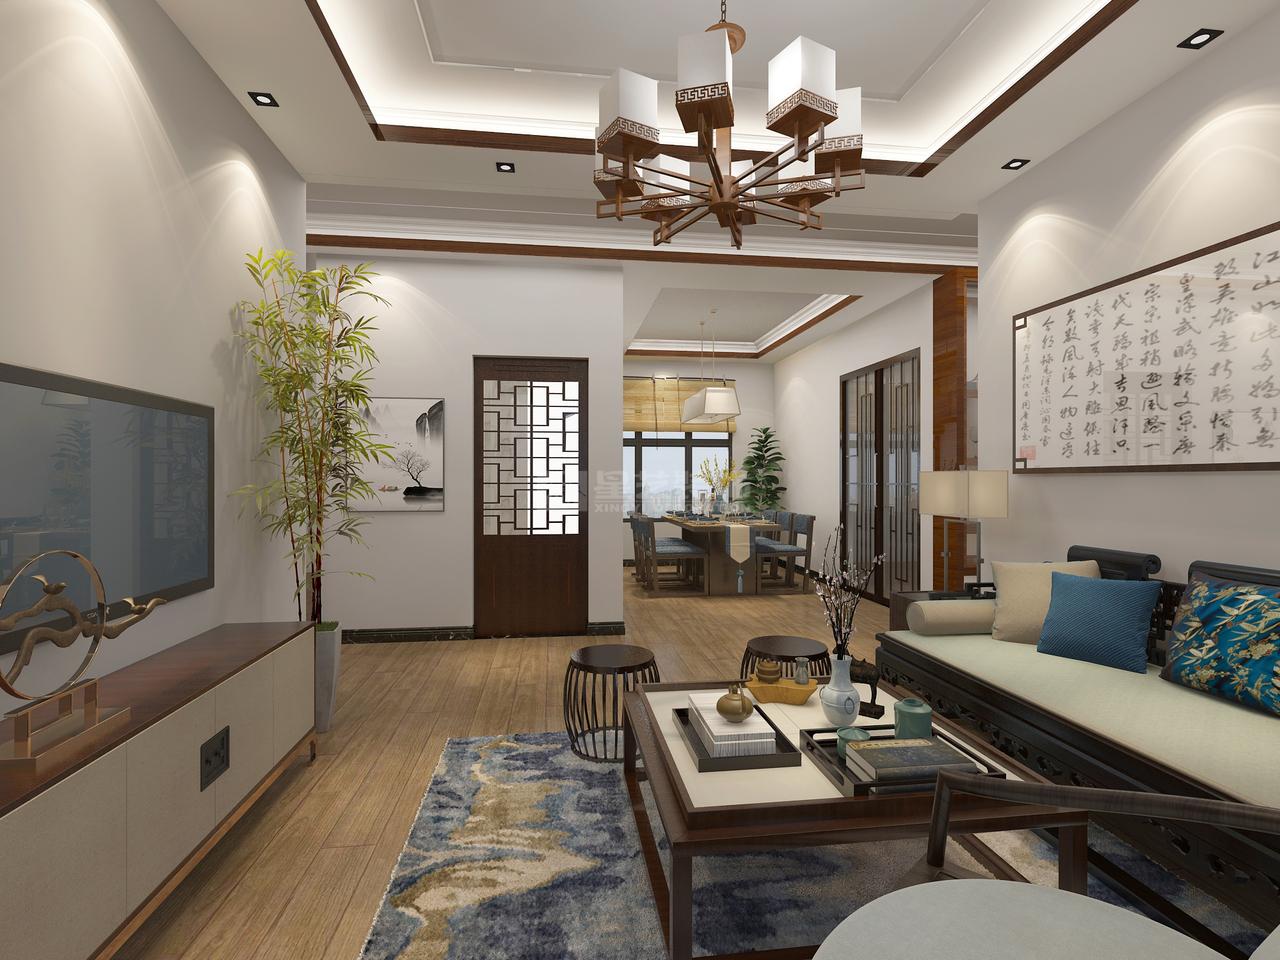 首开紫郡C中式,中式,单身公寓,110.0㎡